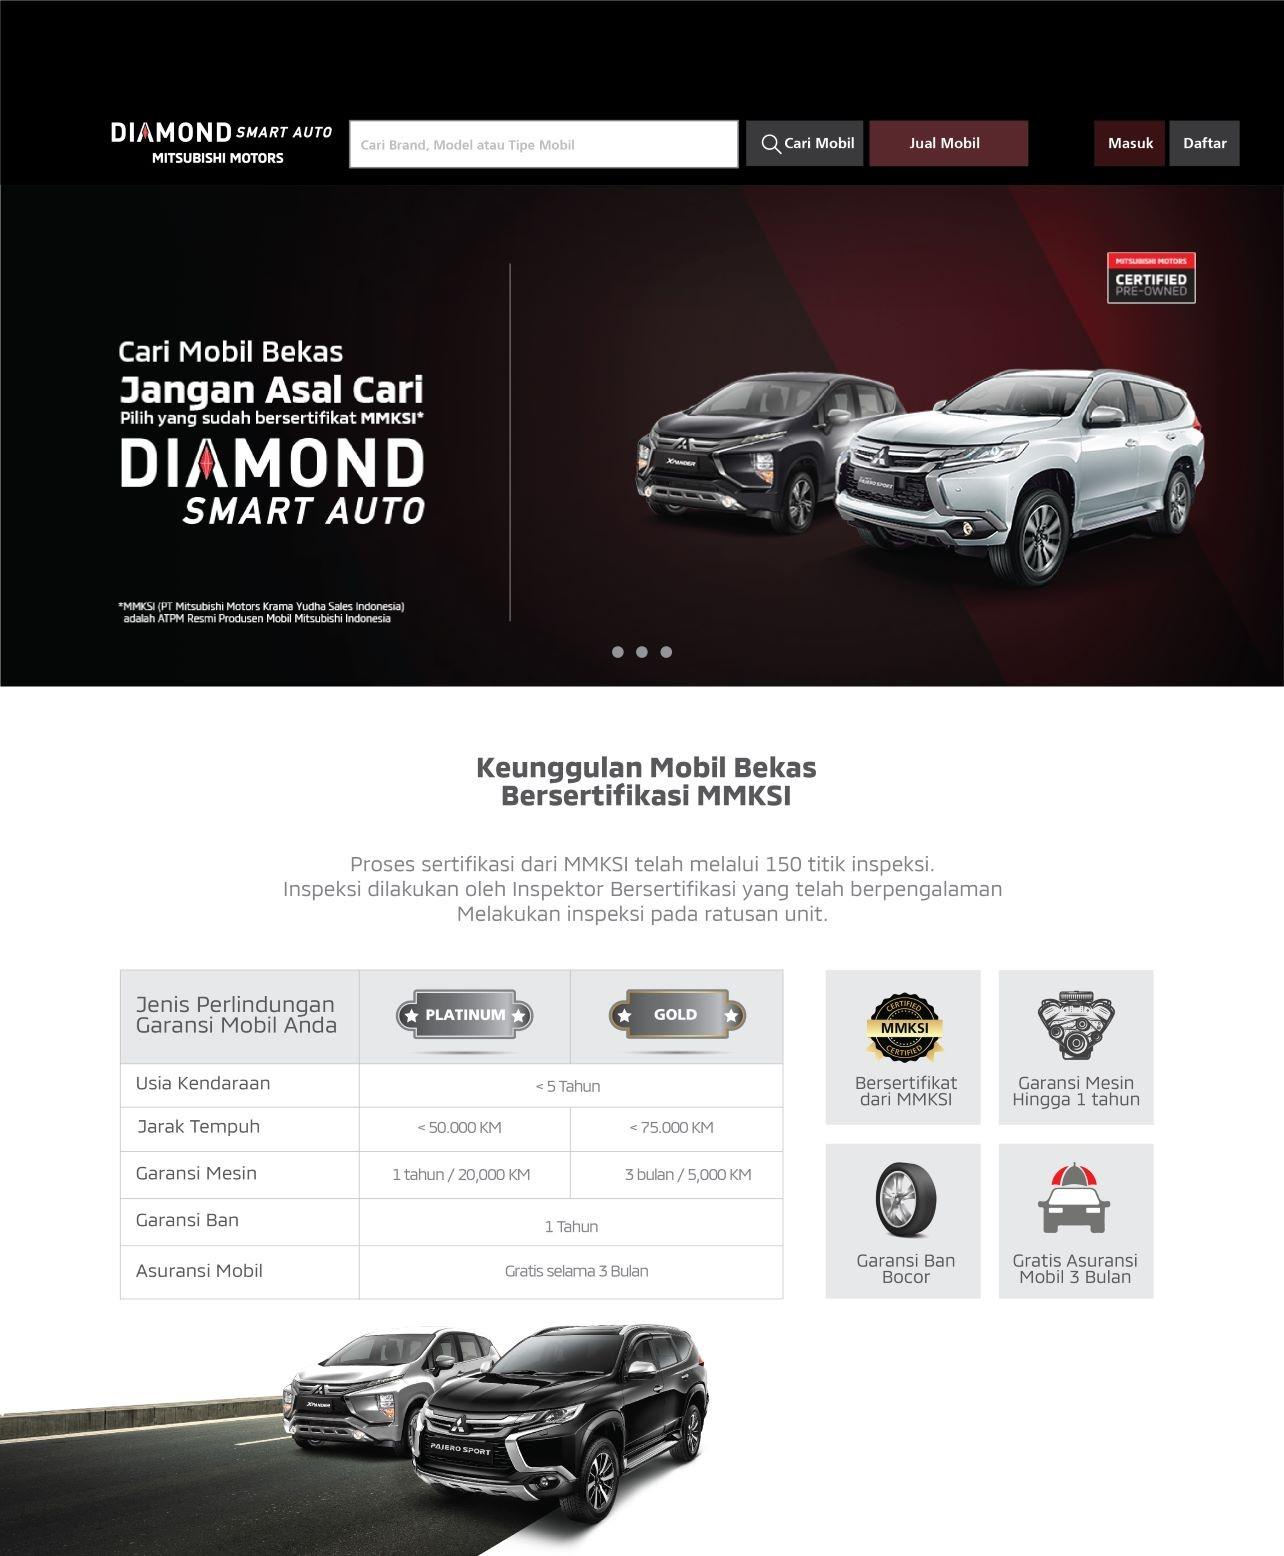 MMKSI Luncurkan Layanan Jual Beli Mobil Bekas Bersertifikat Diamond Smart Auto